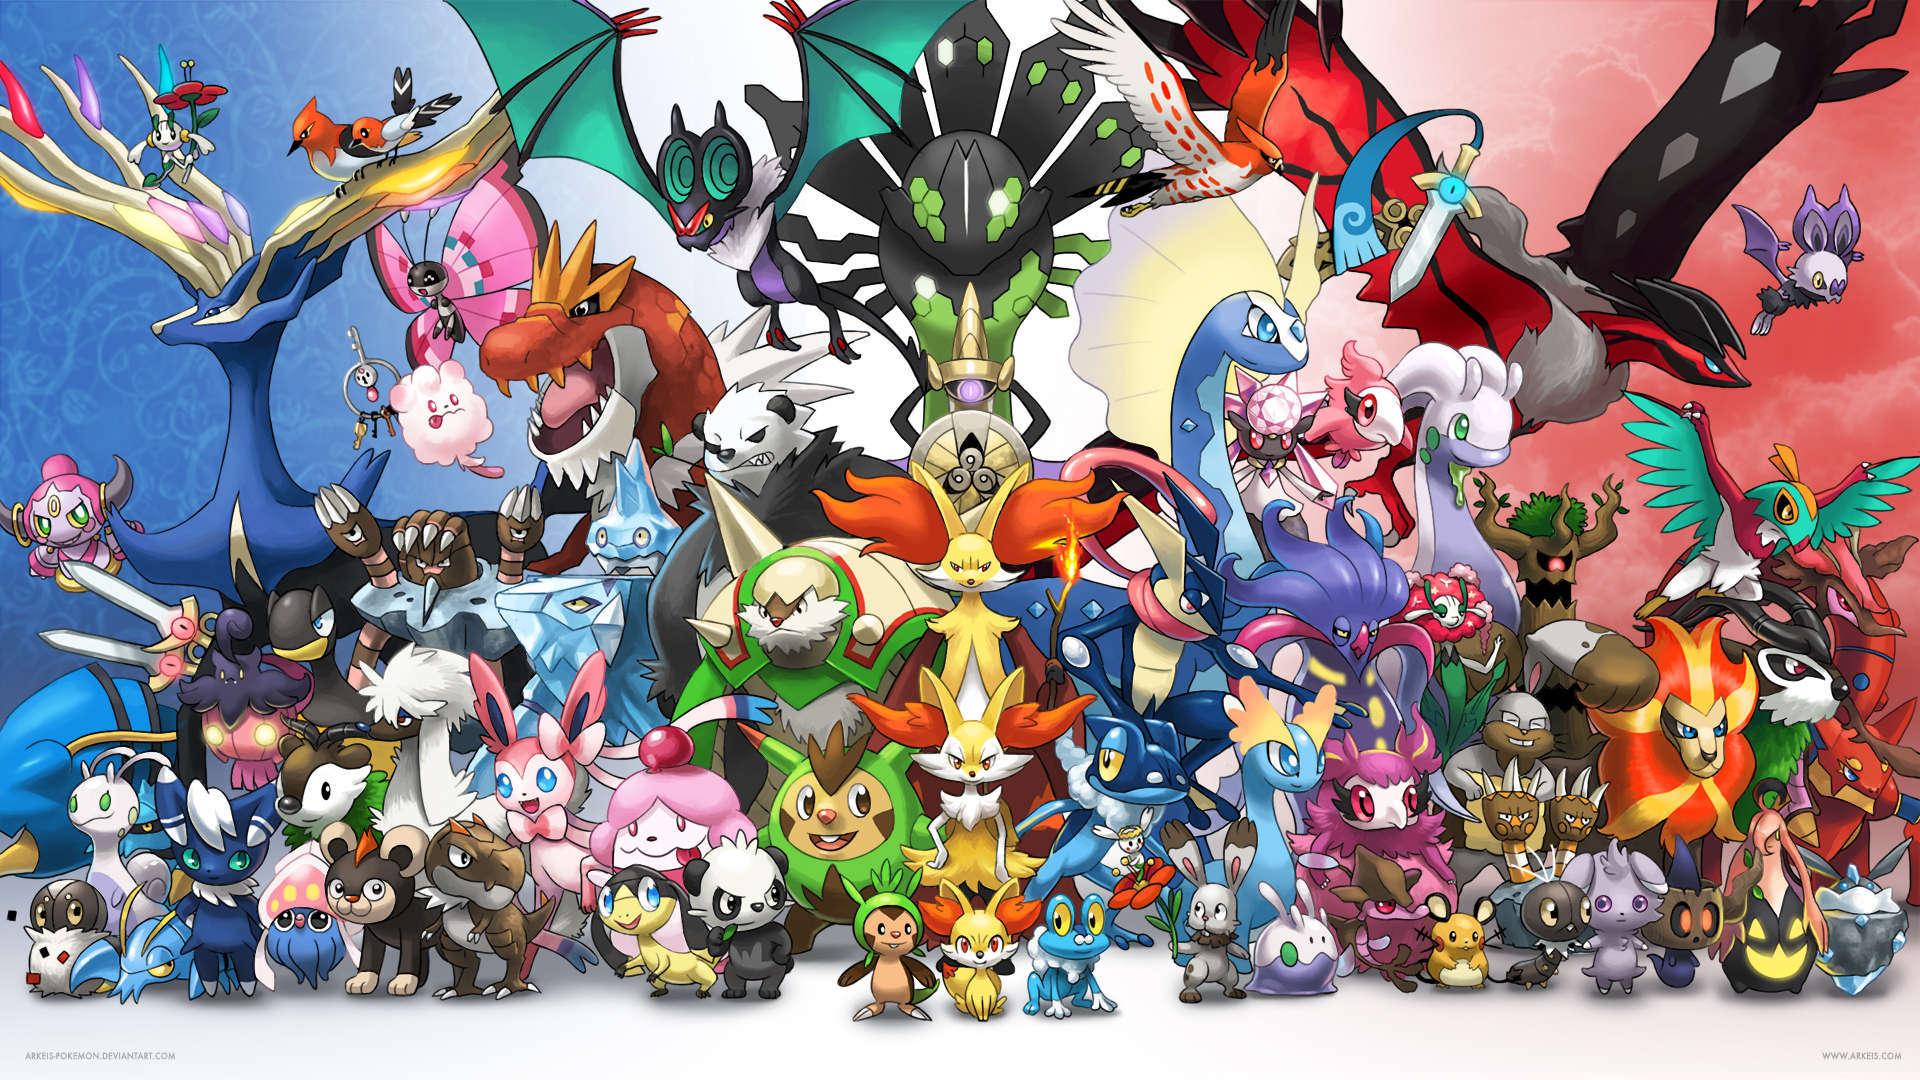 Hd wallpaper upload - Wallpaper Generation 6 Pokemon Hd Wallpaper Upload At October 30